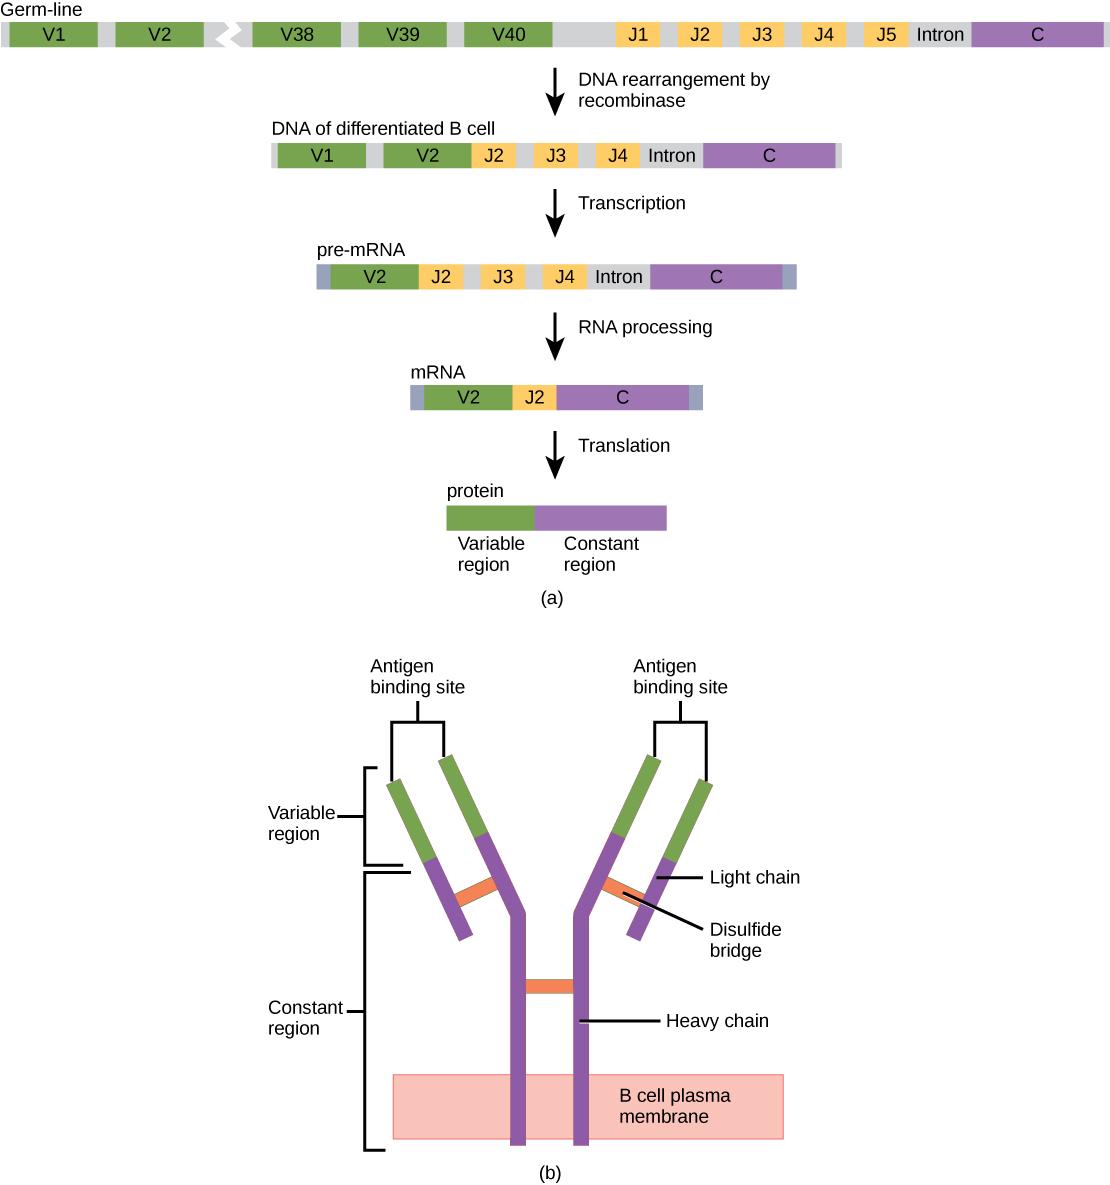 https://opentextbc.ca/biology/wp-content/uploads/sites/96/2015/03/Figure_42_03_01.jpg